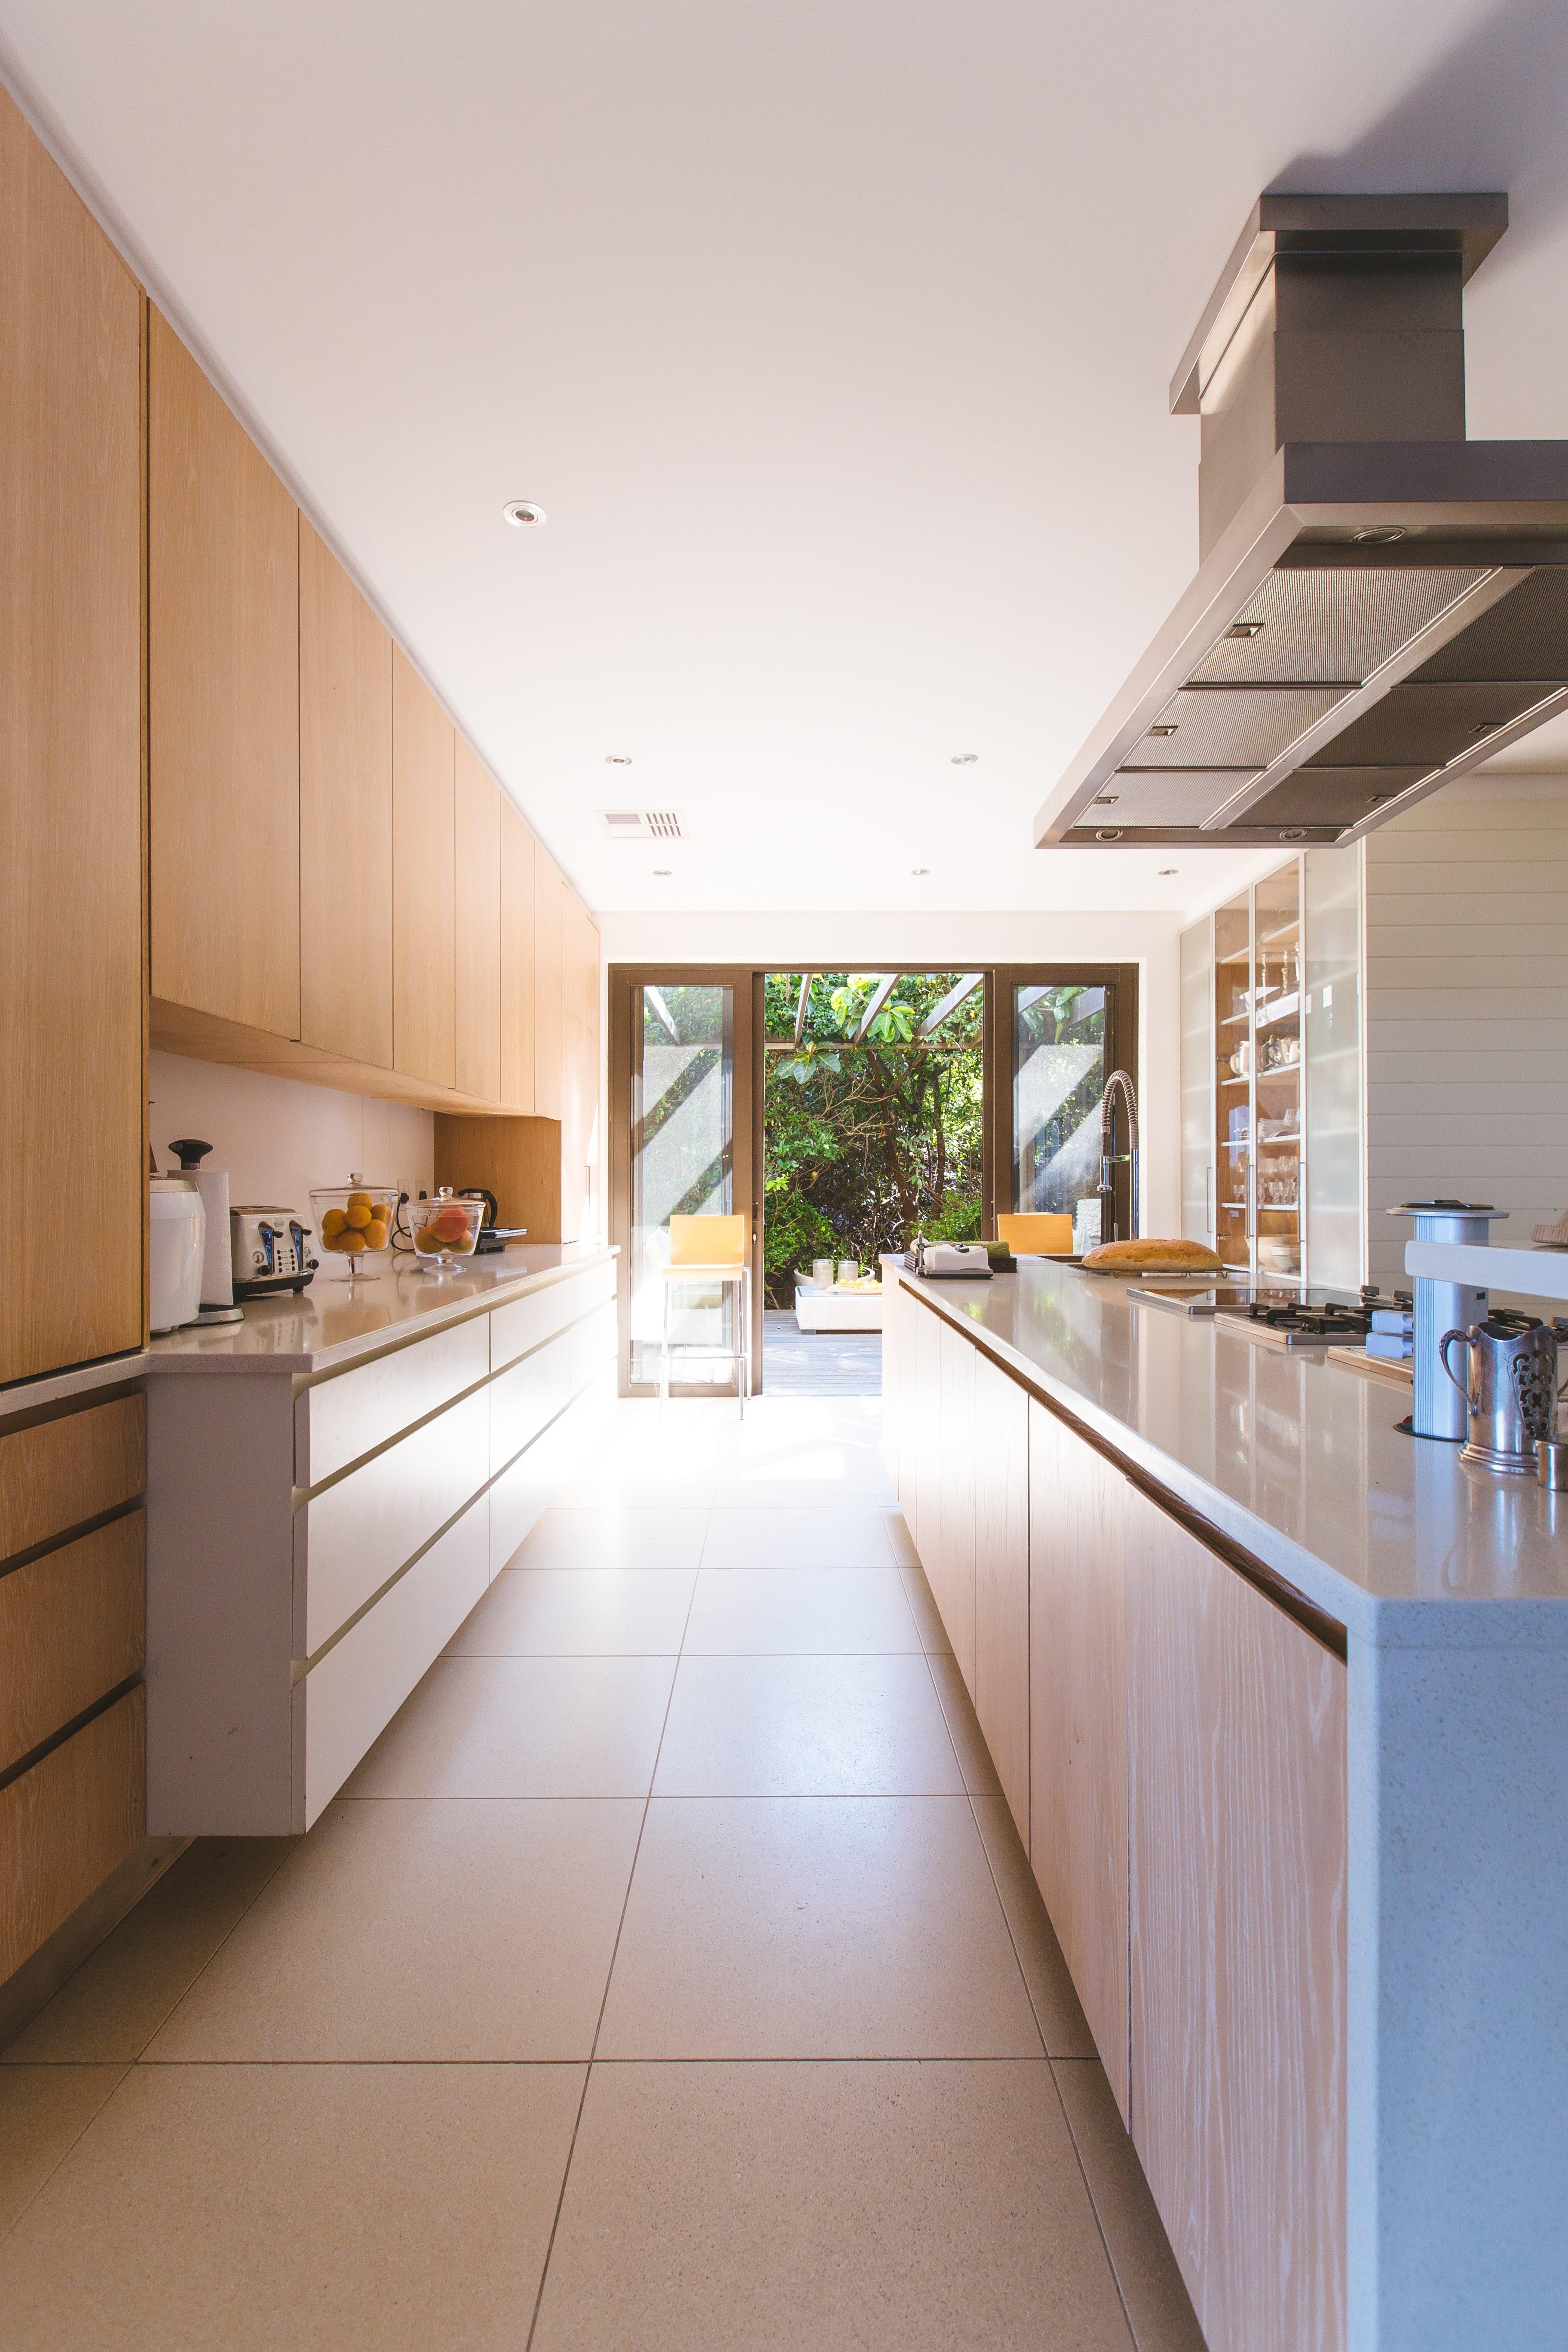 Quelle Cuisine Choisir En 2018 Blog Decoration Maison